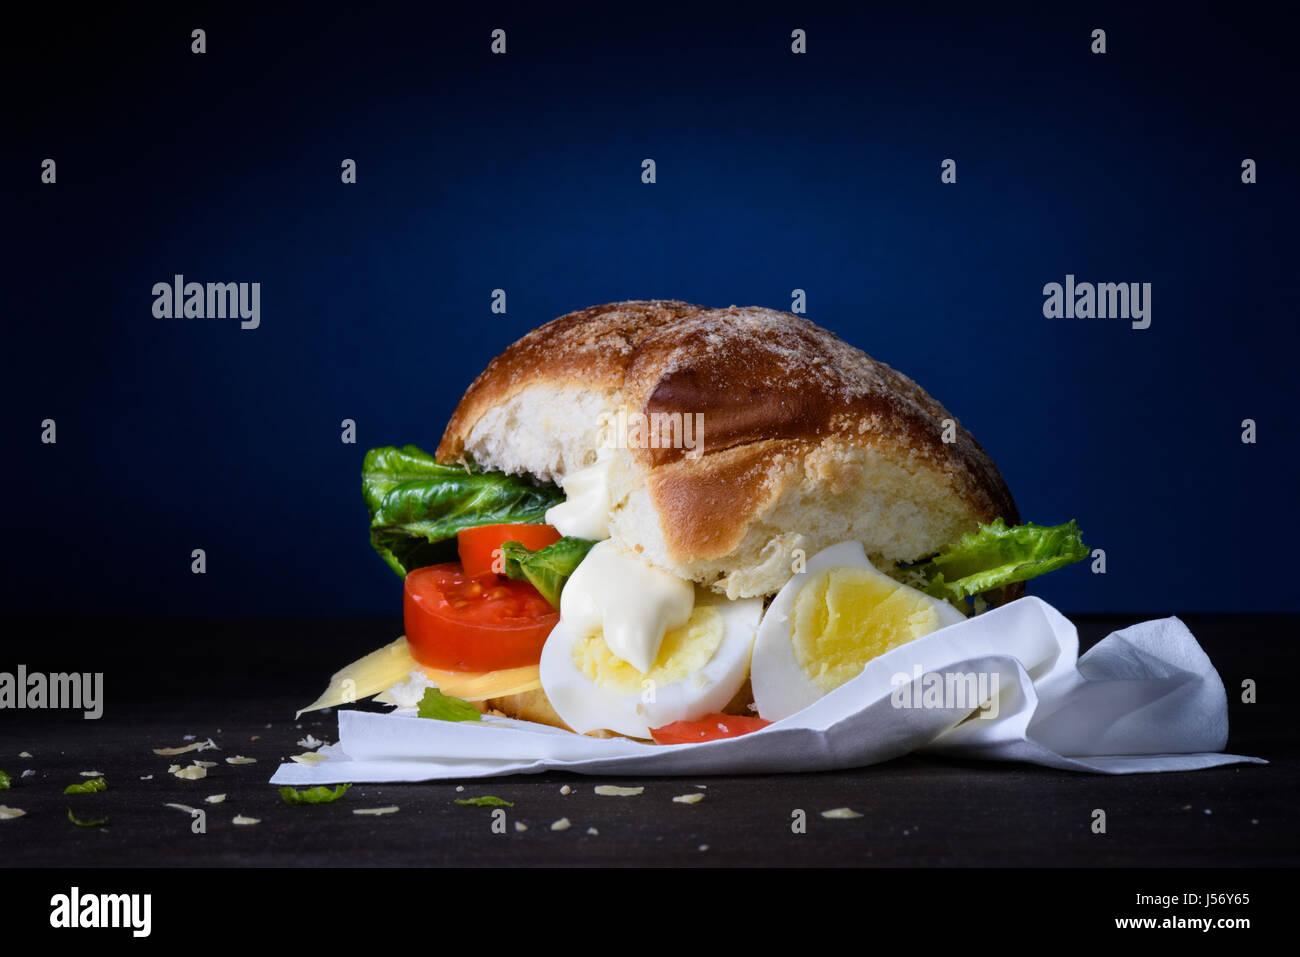 Leckere Burger mit Ei, Tomaten, Käse, Salat und Mayonnaise auf hölzernen Theke. Kopieren Sie Raum. Stockbild